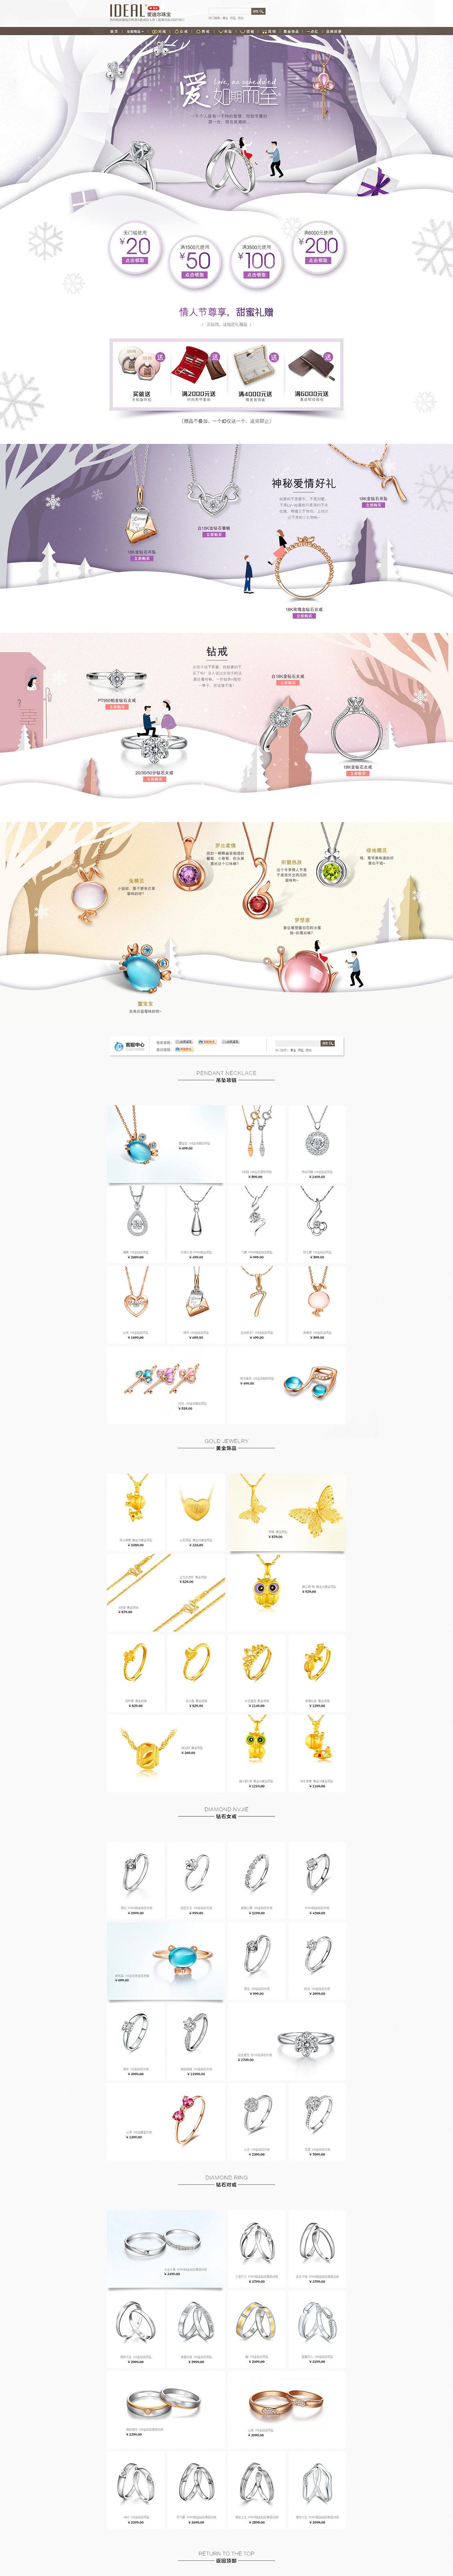 ideal珠宝首饰银饰银器钻石戒指 214情人节天猫首页活动专题页面设计